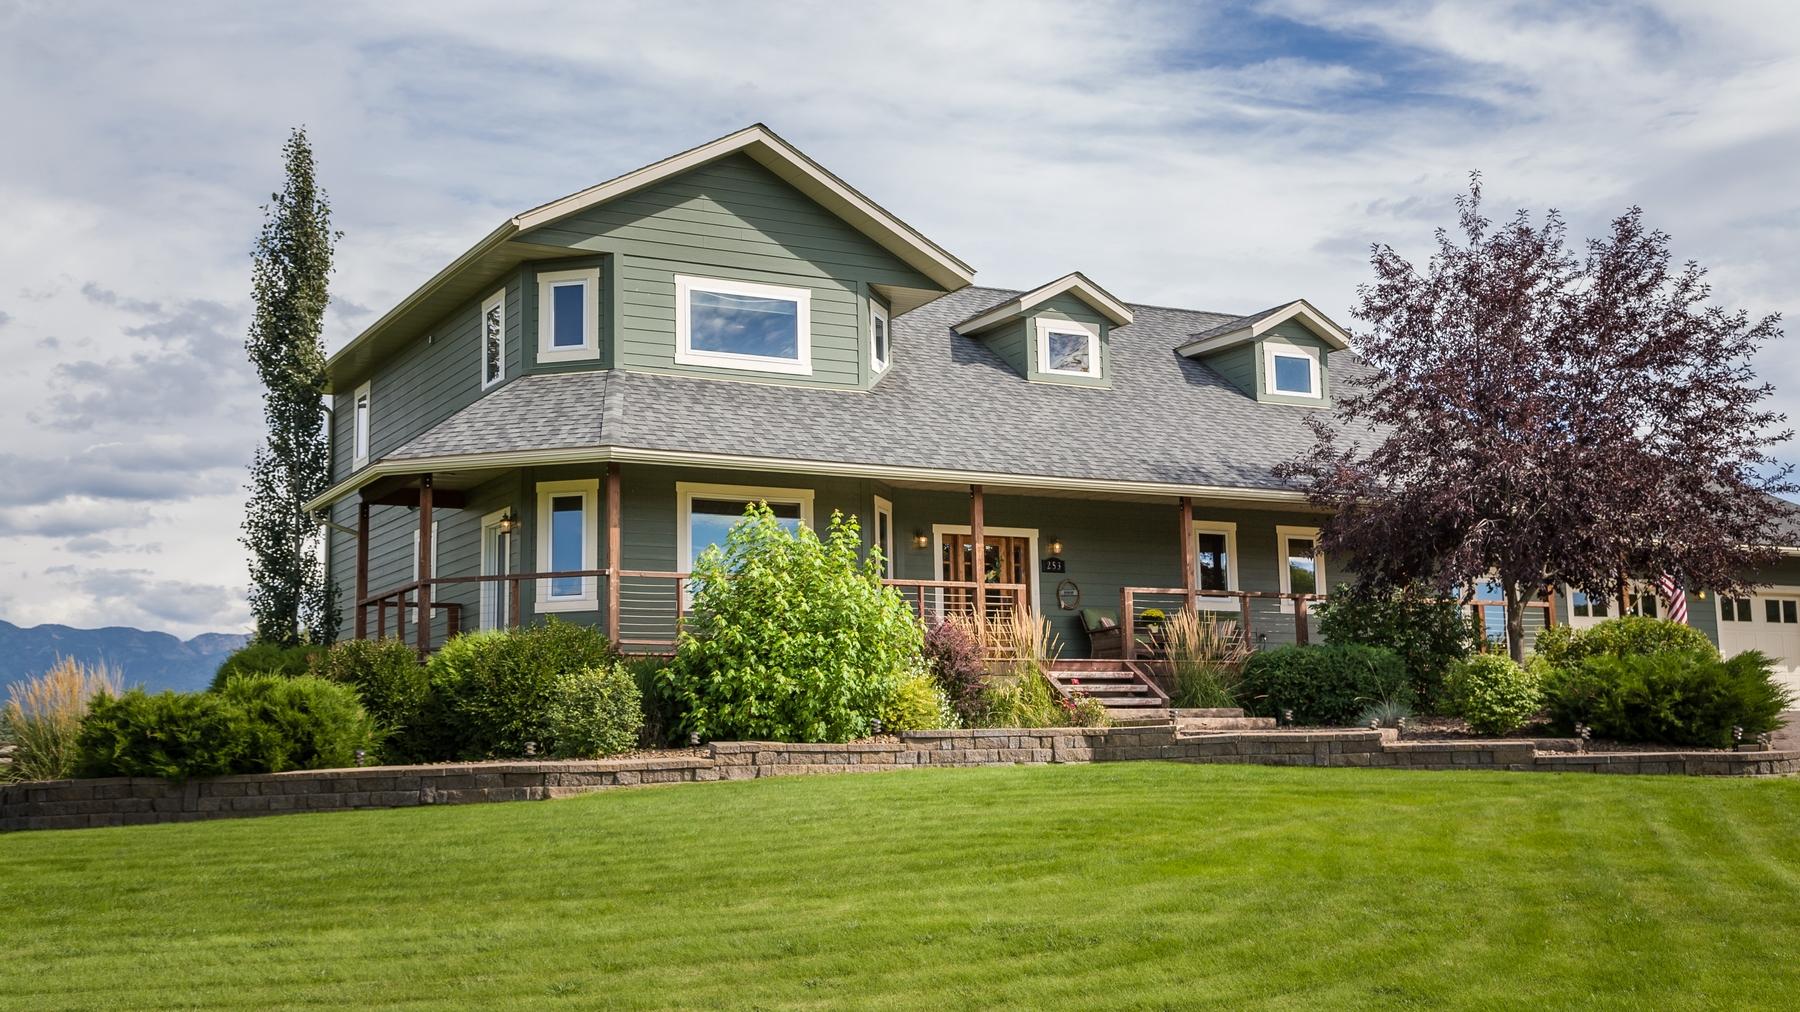 Einfamilienhaus für Verkauf beim 253 Fox Den Trl , Kalispell, MT 59901 253 Fox Den Trl Kalispell, Montana, 59901 Vereinigte Staaten